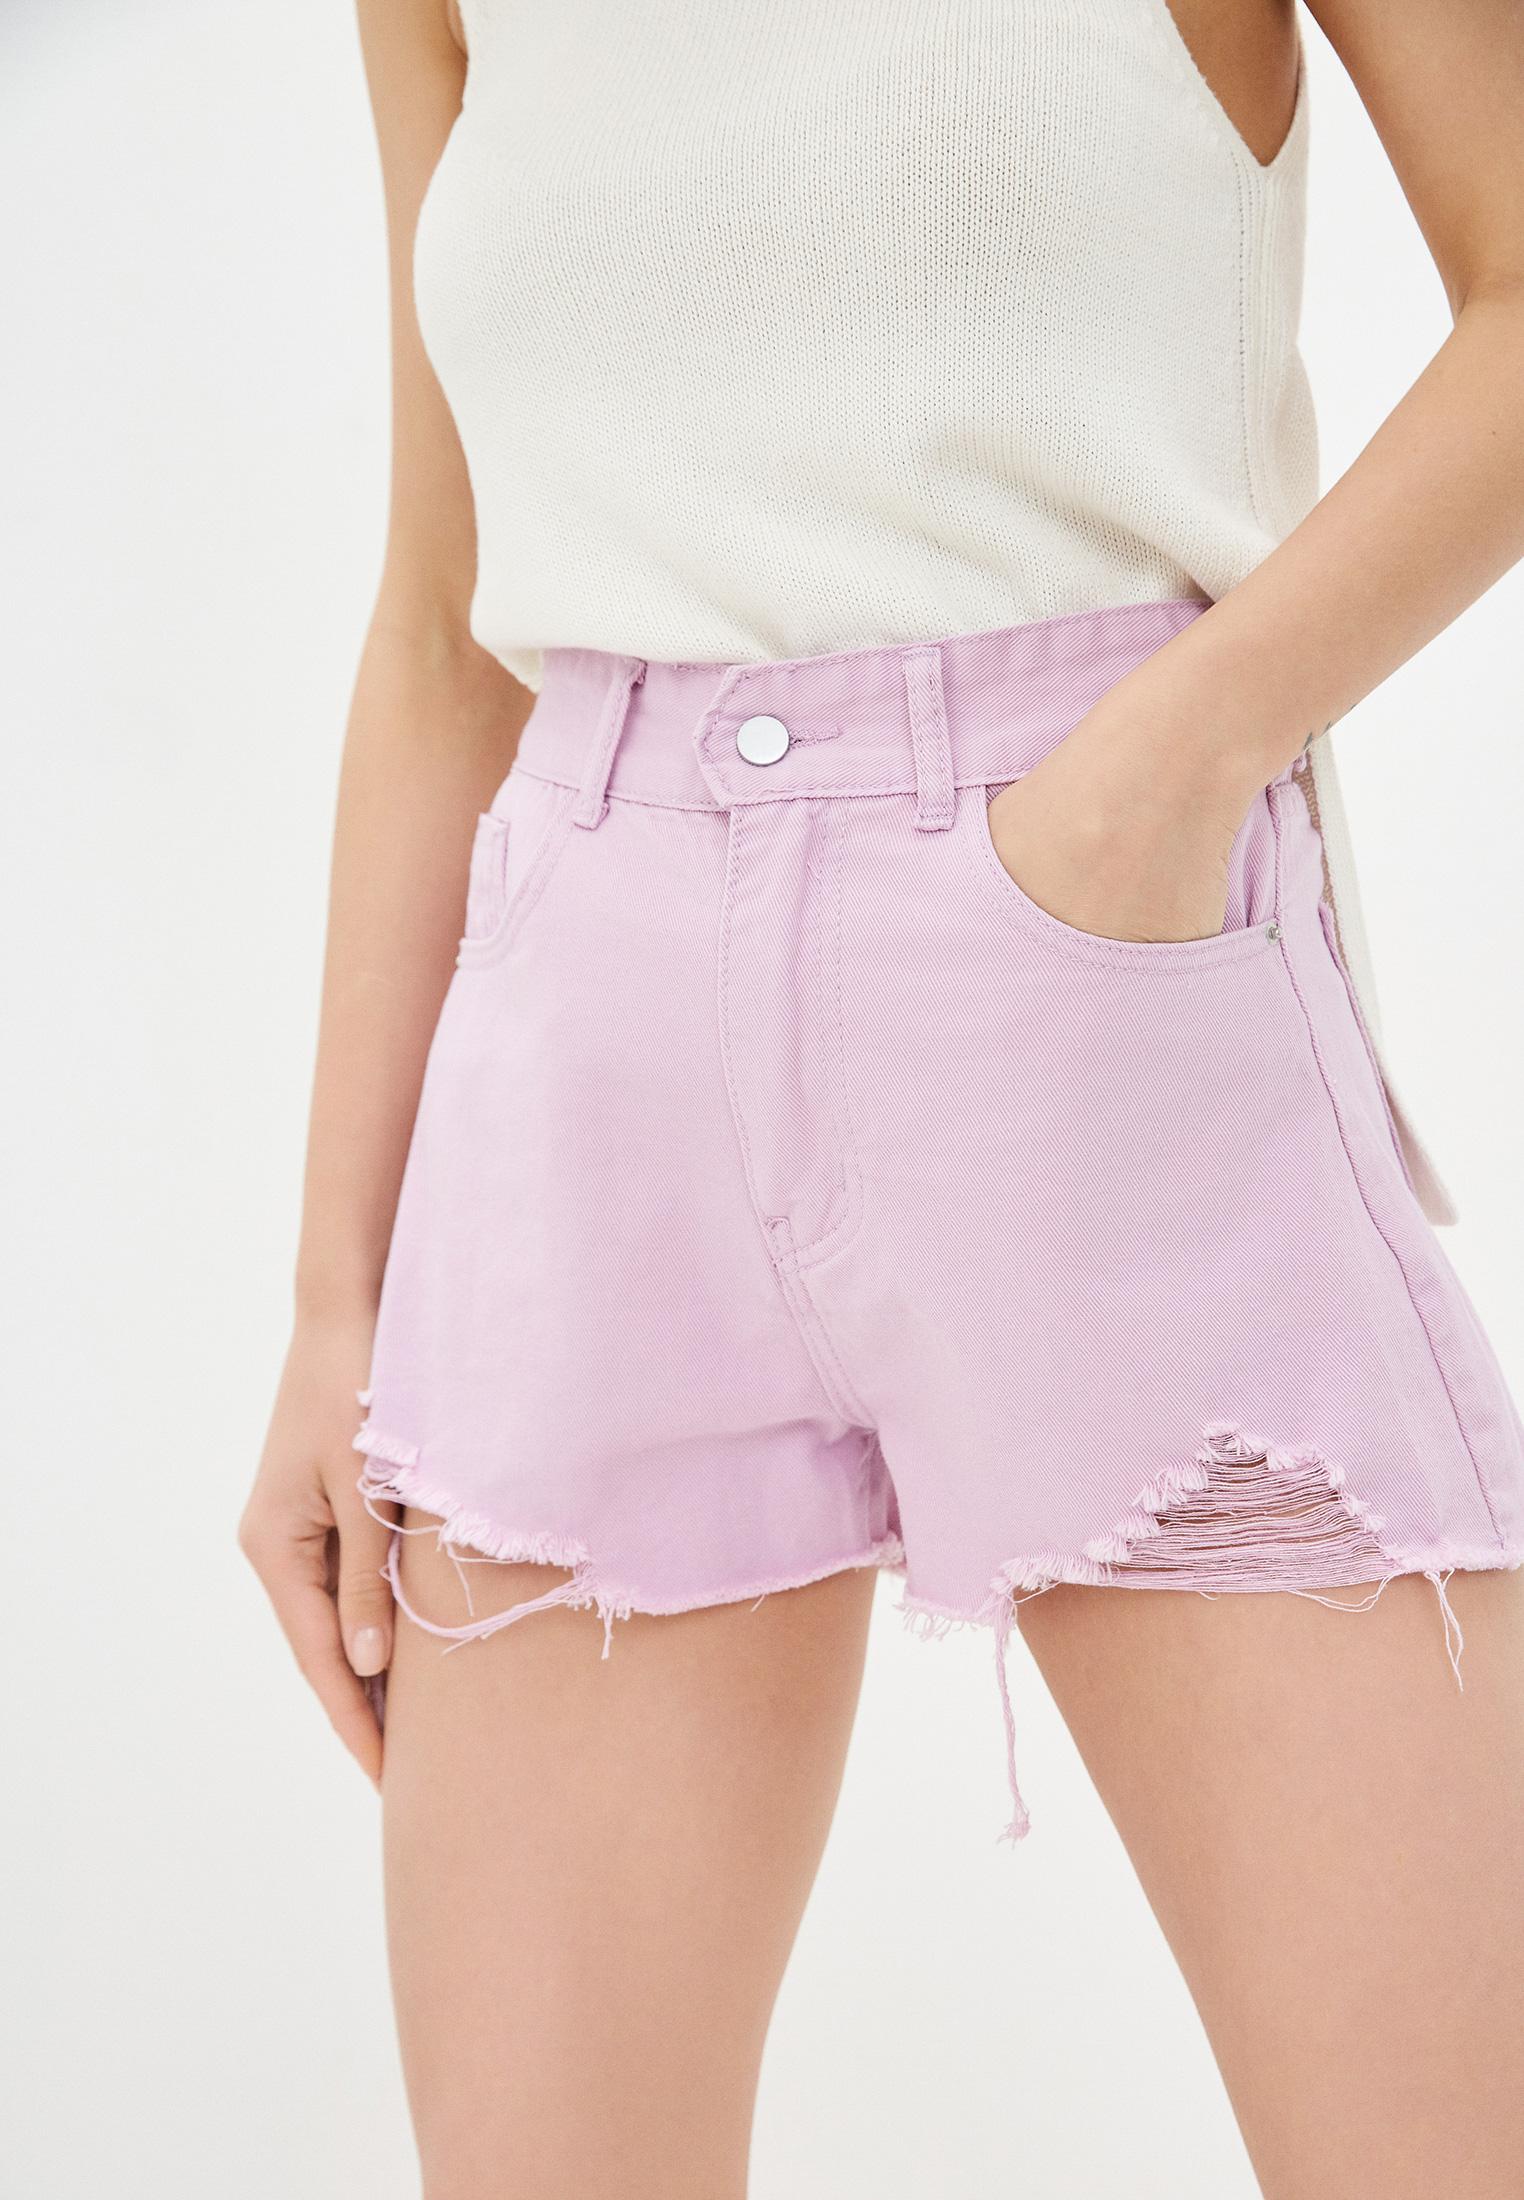 Женские джинсовые шорты Aaquamarina Шорты джинсовые Aaquamarina